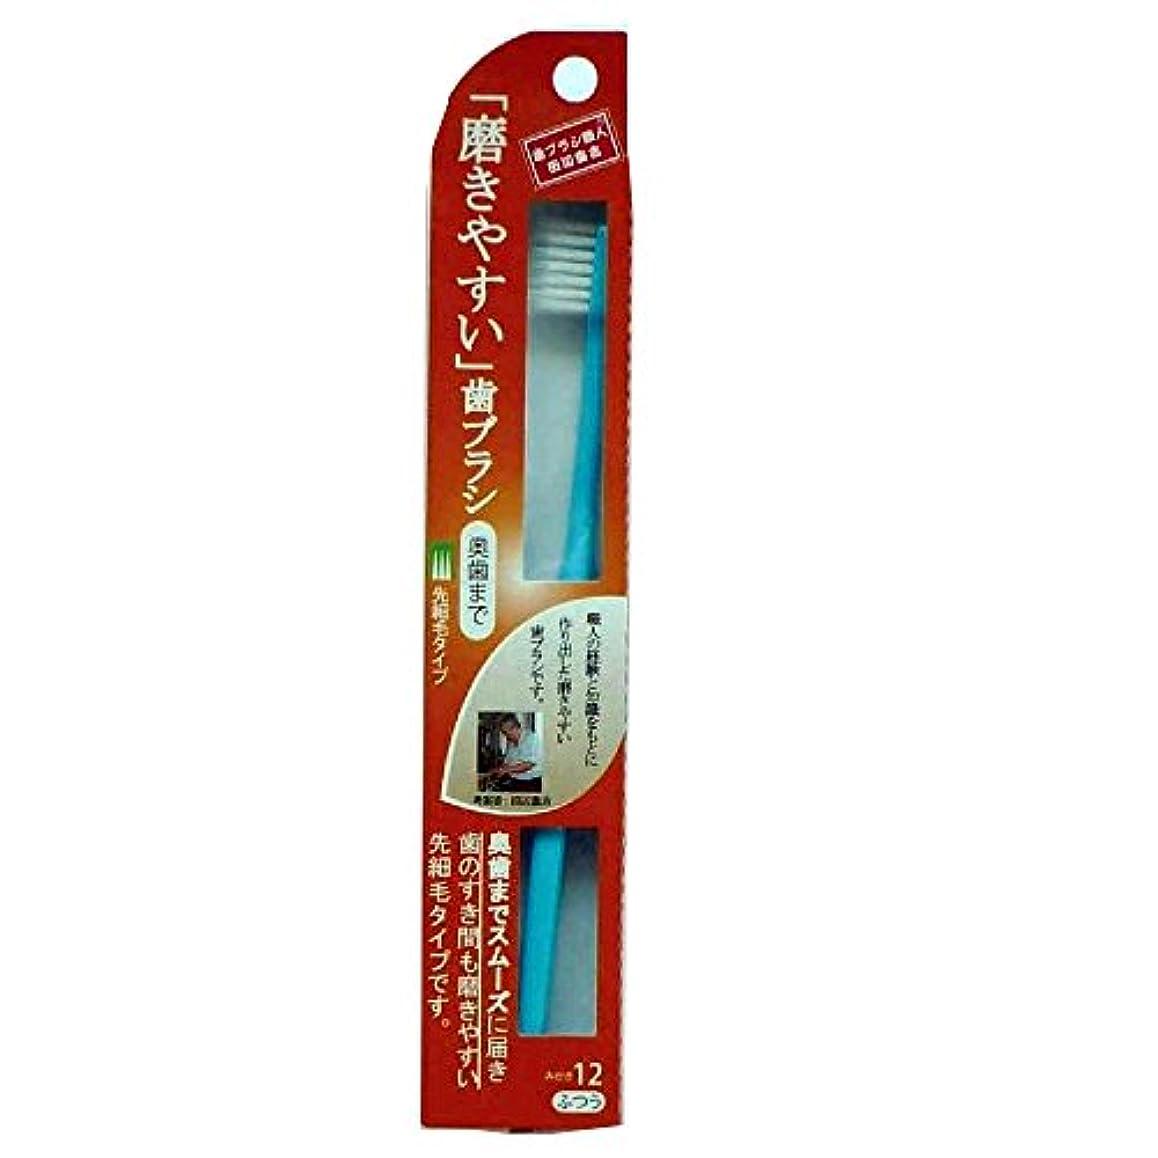 導入する適性熟達磨きやすい歯ブラシ(奥歯まで)先細 LT-12